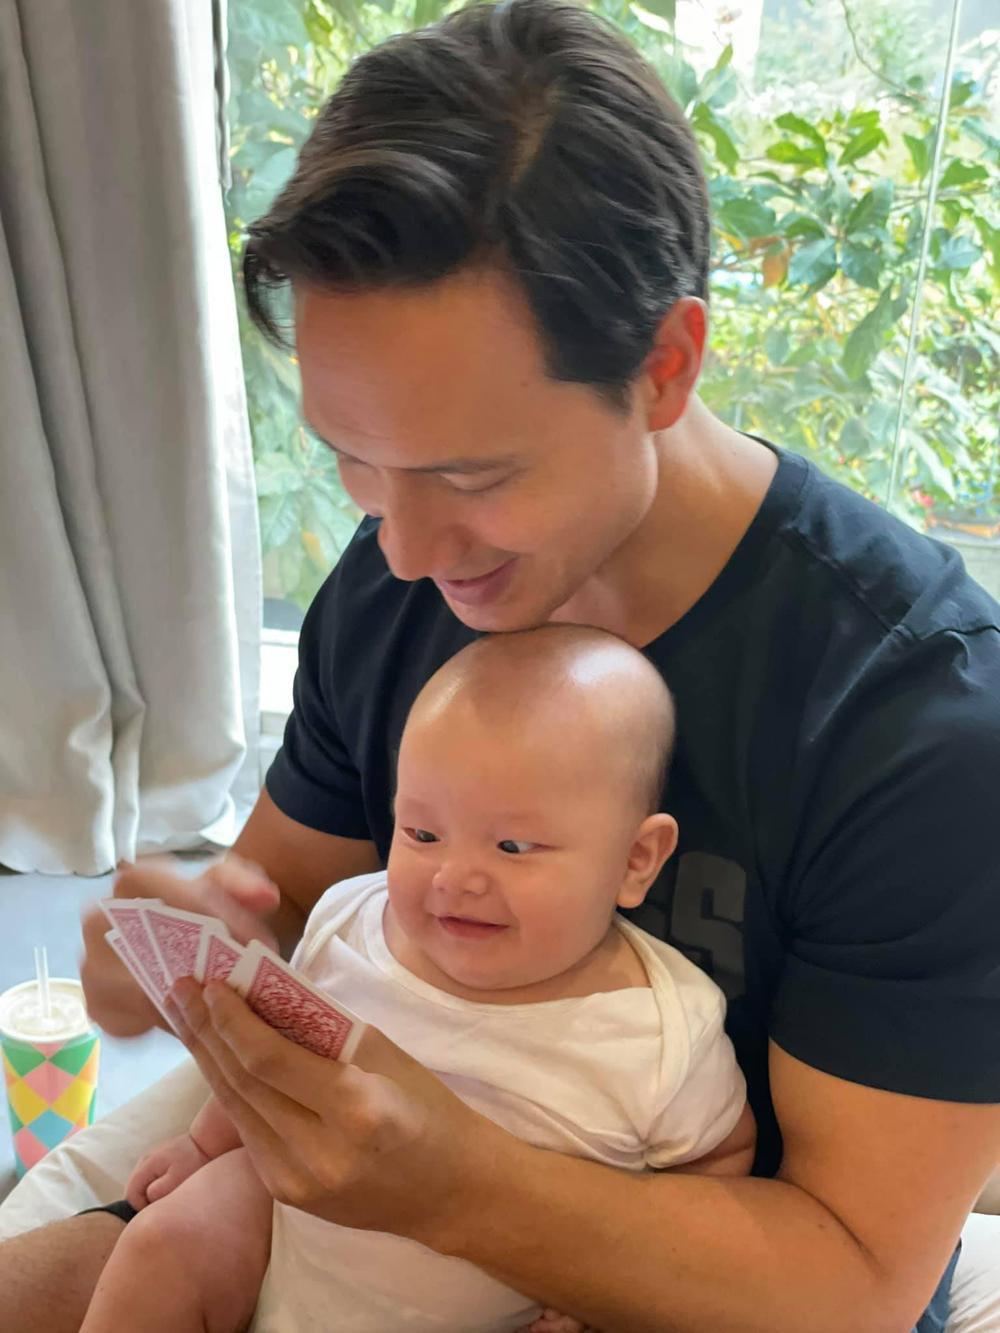 Con trai út nhà Hà Hồ - Leon ngạc nhiên tột độ khi nghe siêu hit 8 tỷ view Baby Shark 'xào nấu' tên mình Ảnh 3